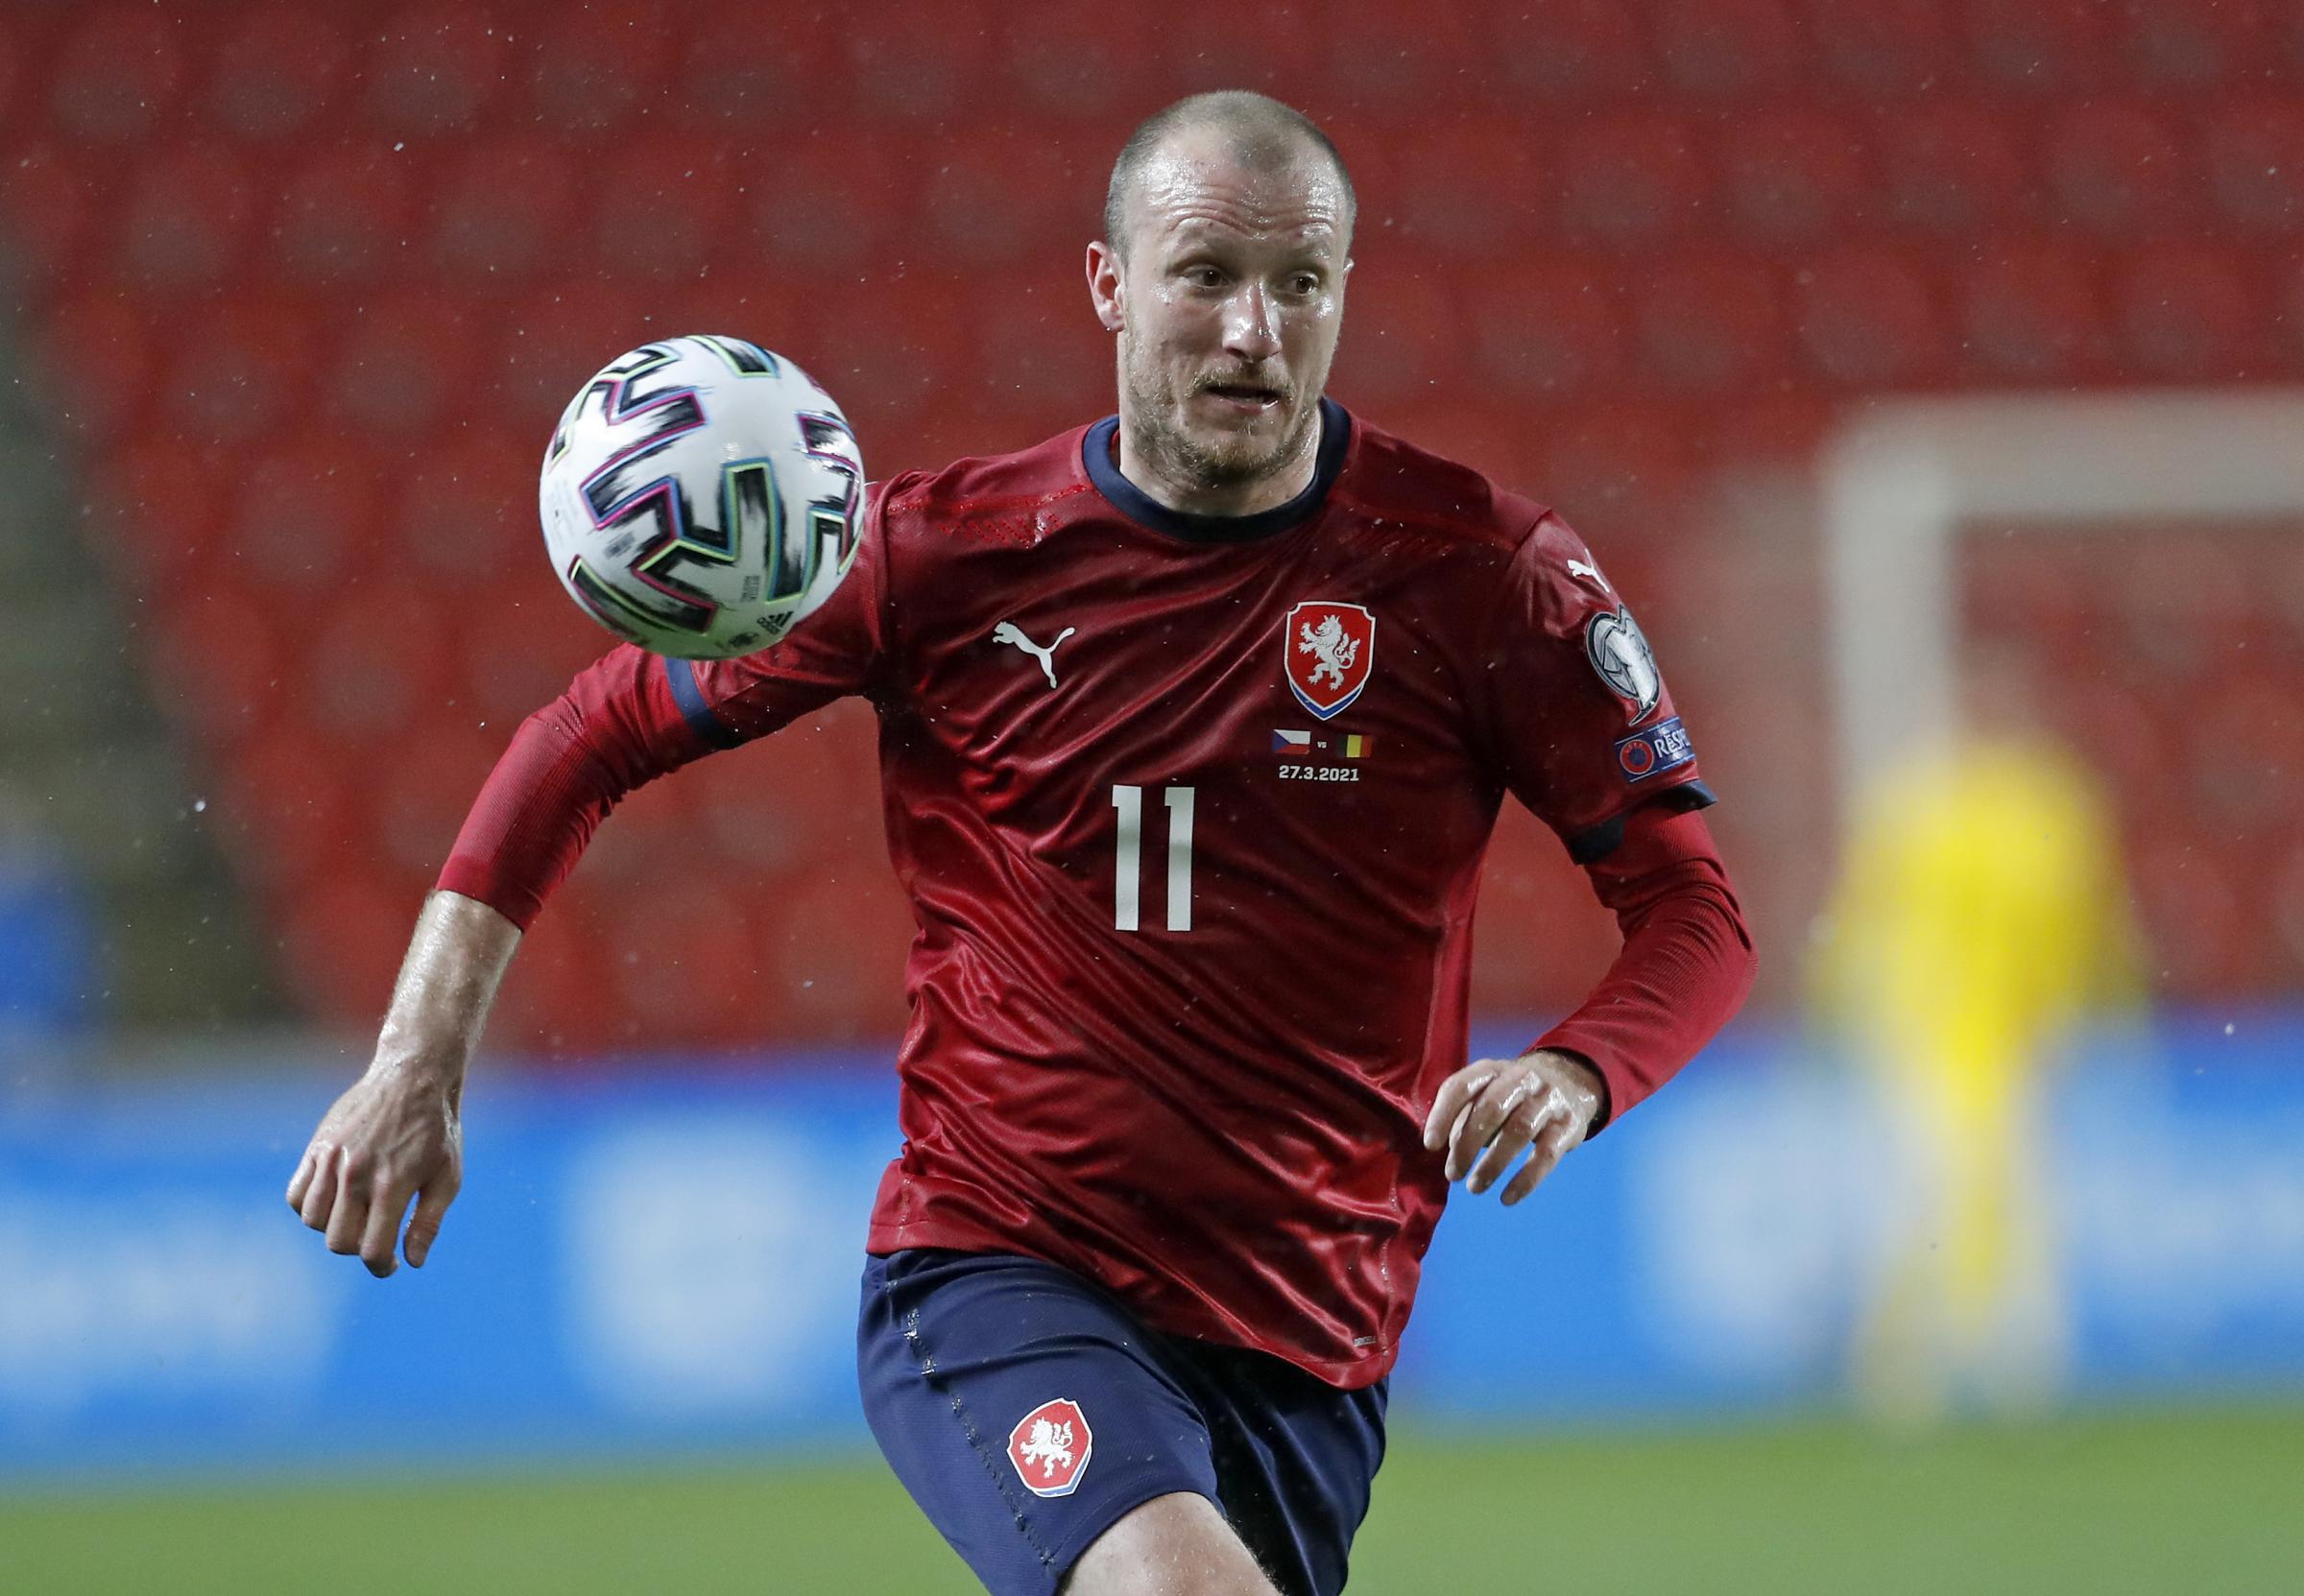 LIVE Scozia Repubblica Ceca 0 2, Europei calcio 2021 in DIRETTA: inizia l'ultimo quarto d'ora, ospiti saldamente in vantaggio